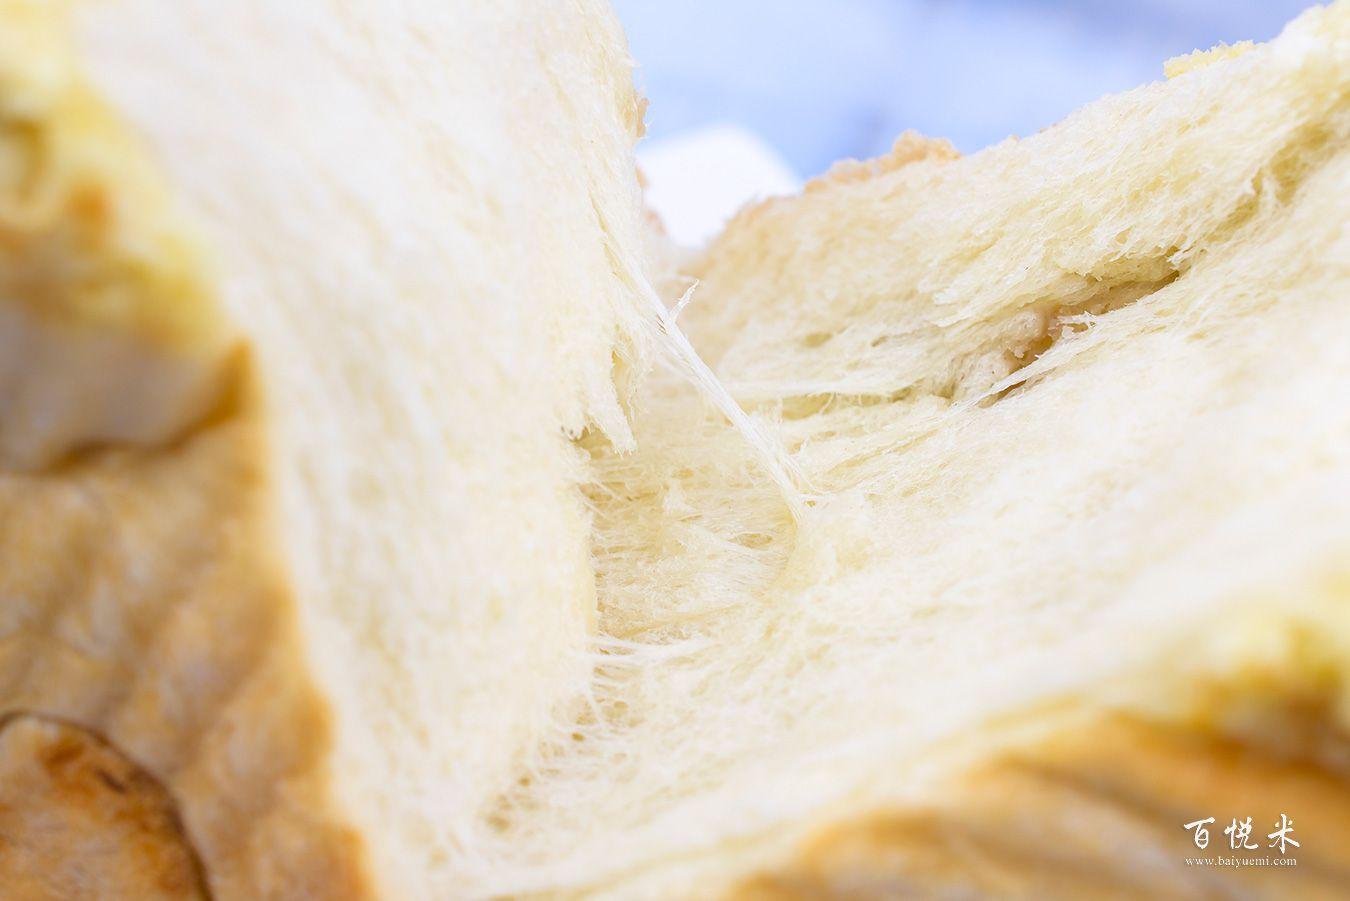 芋泥吐司面包高清图片大全【蛋糕图片】_469